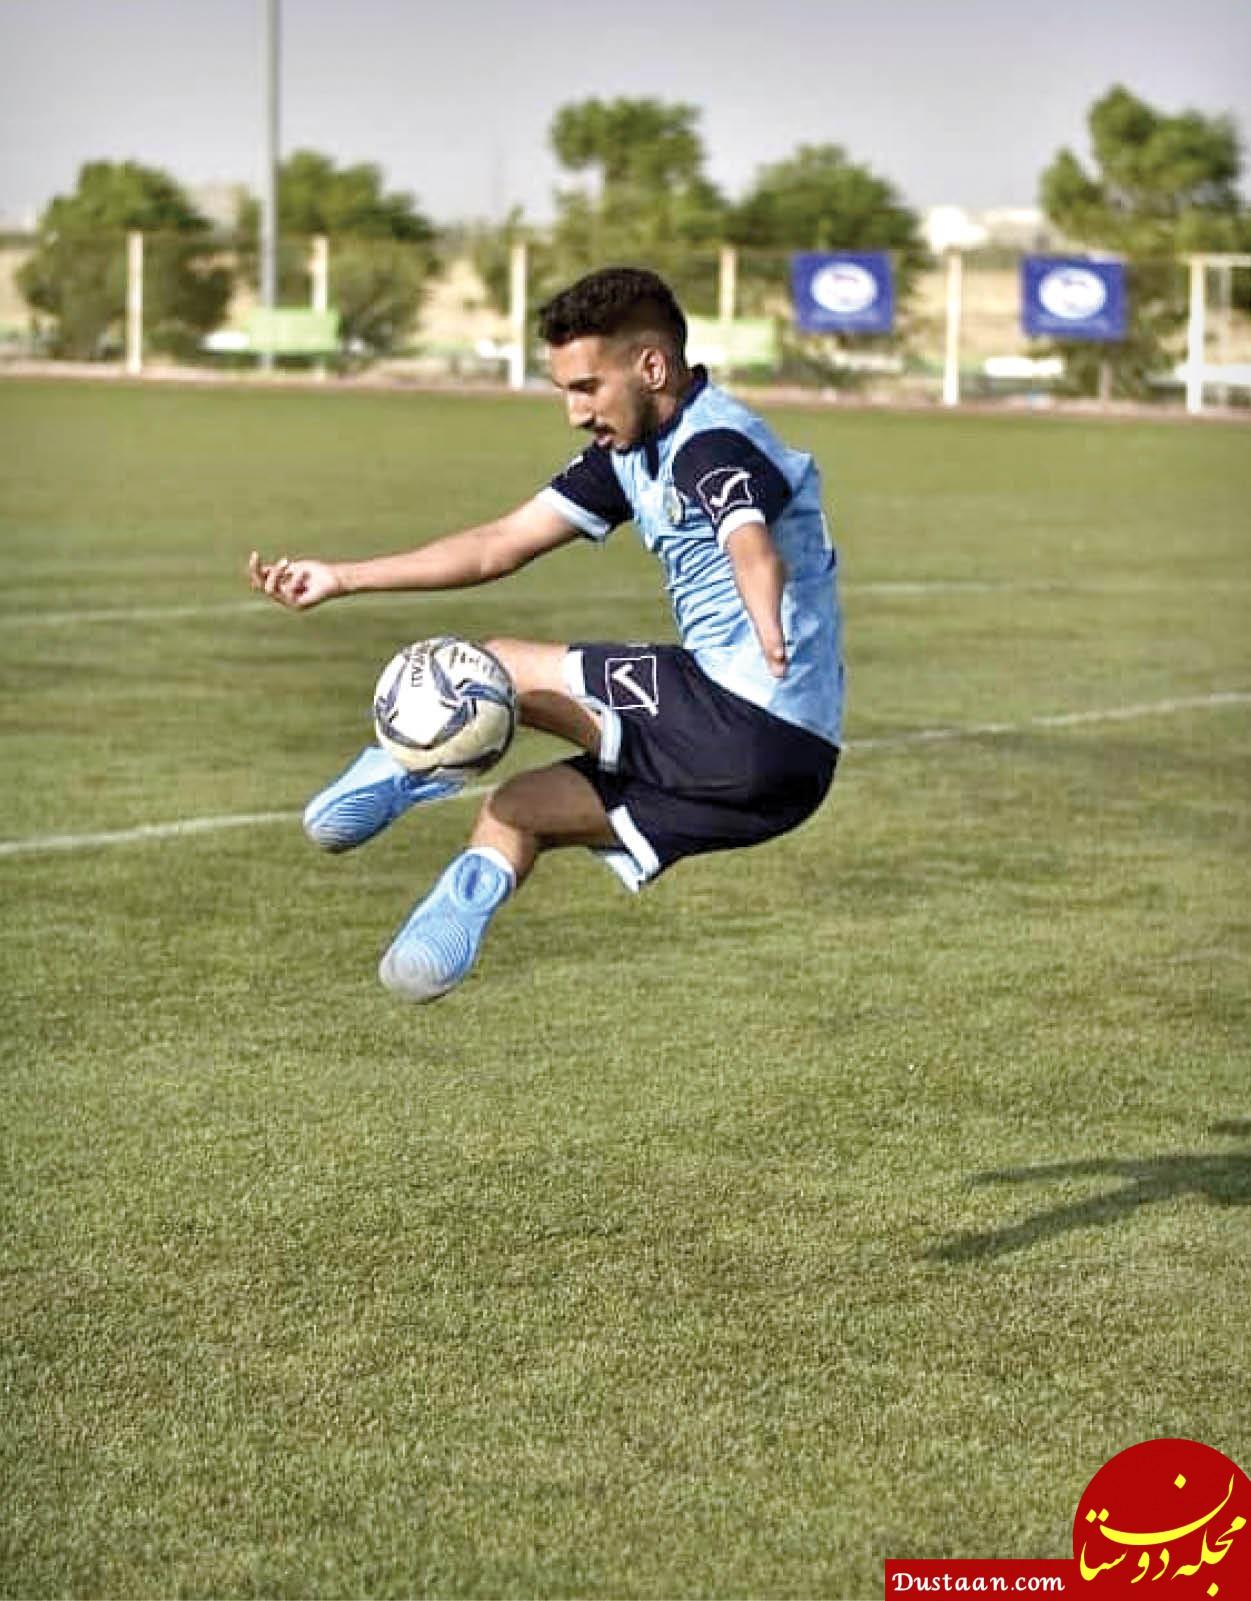 فوتبالیست هستم و دونده اما بدون پا!